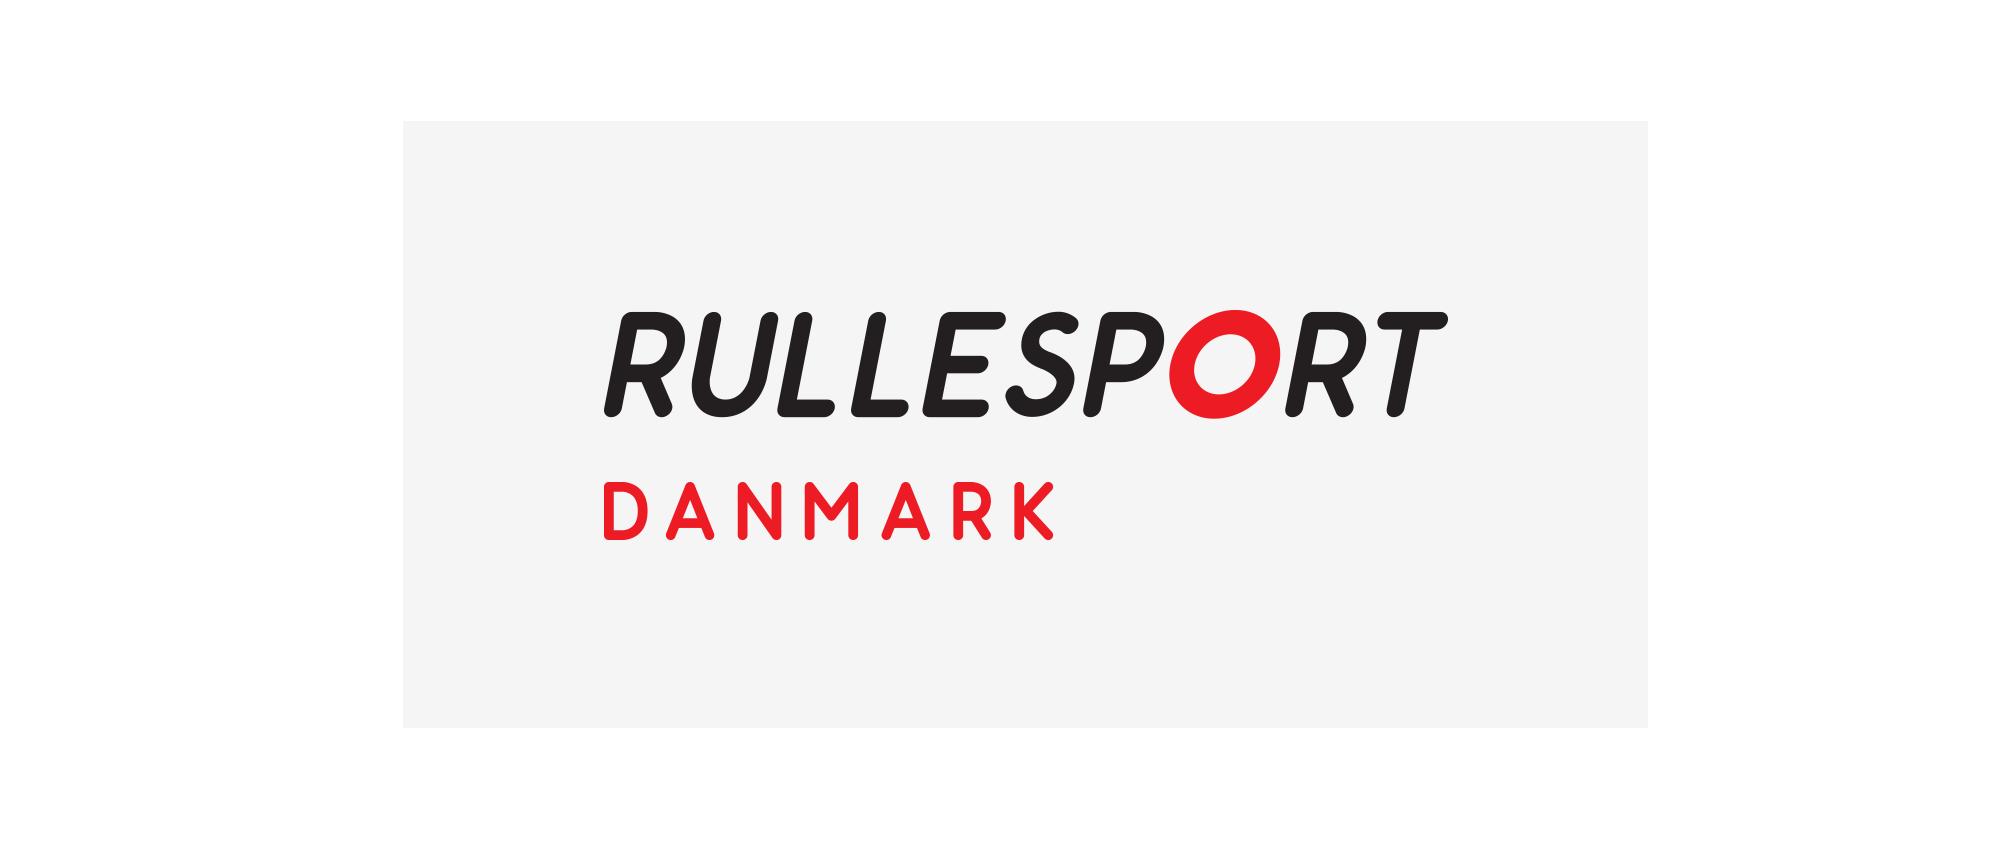 Forslag og vinder af logokonkurrence for Rullesport Danmark